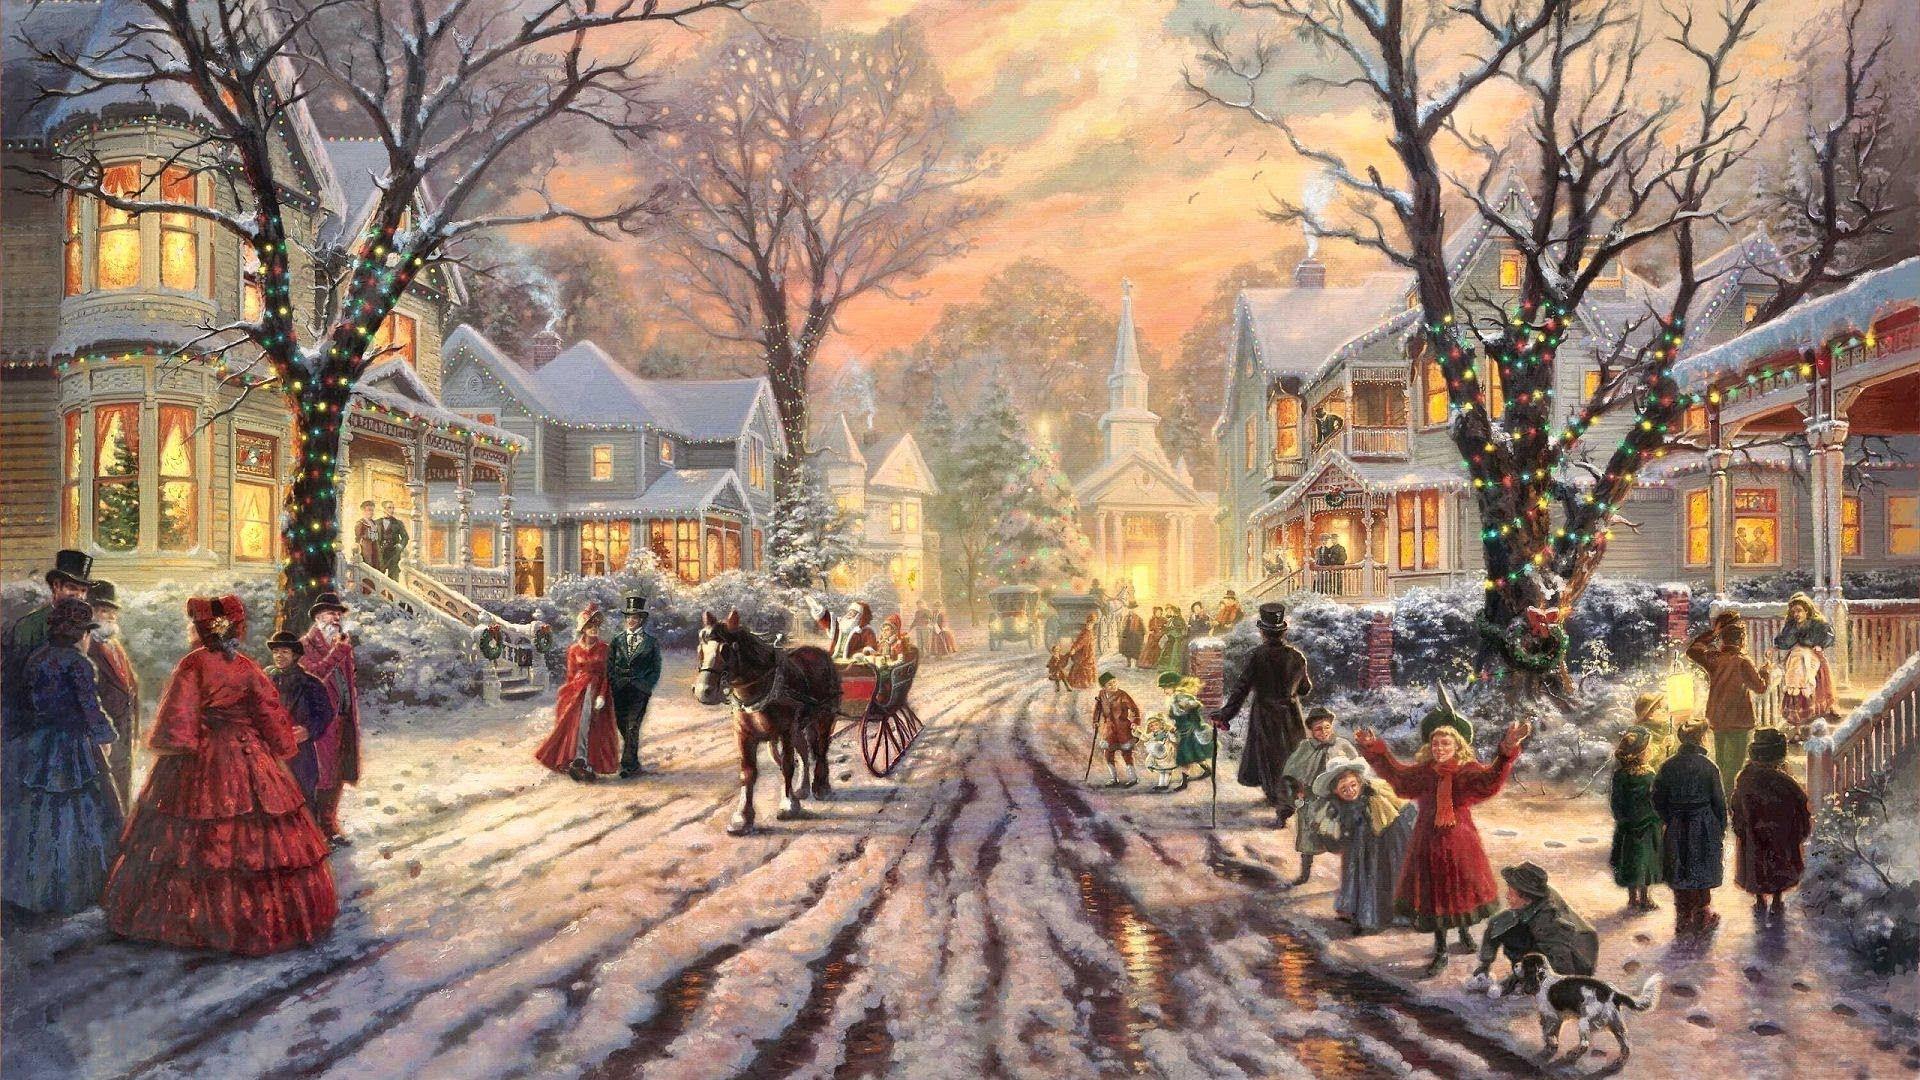 Traditional Christmas.Pin On Christmas Music